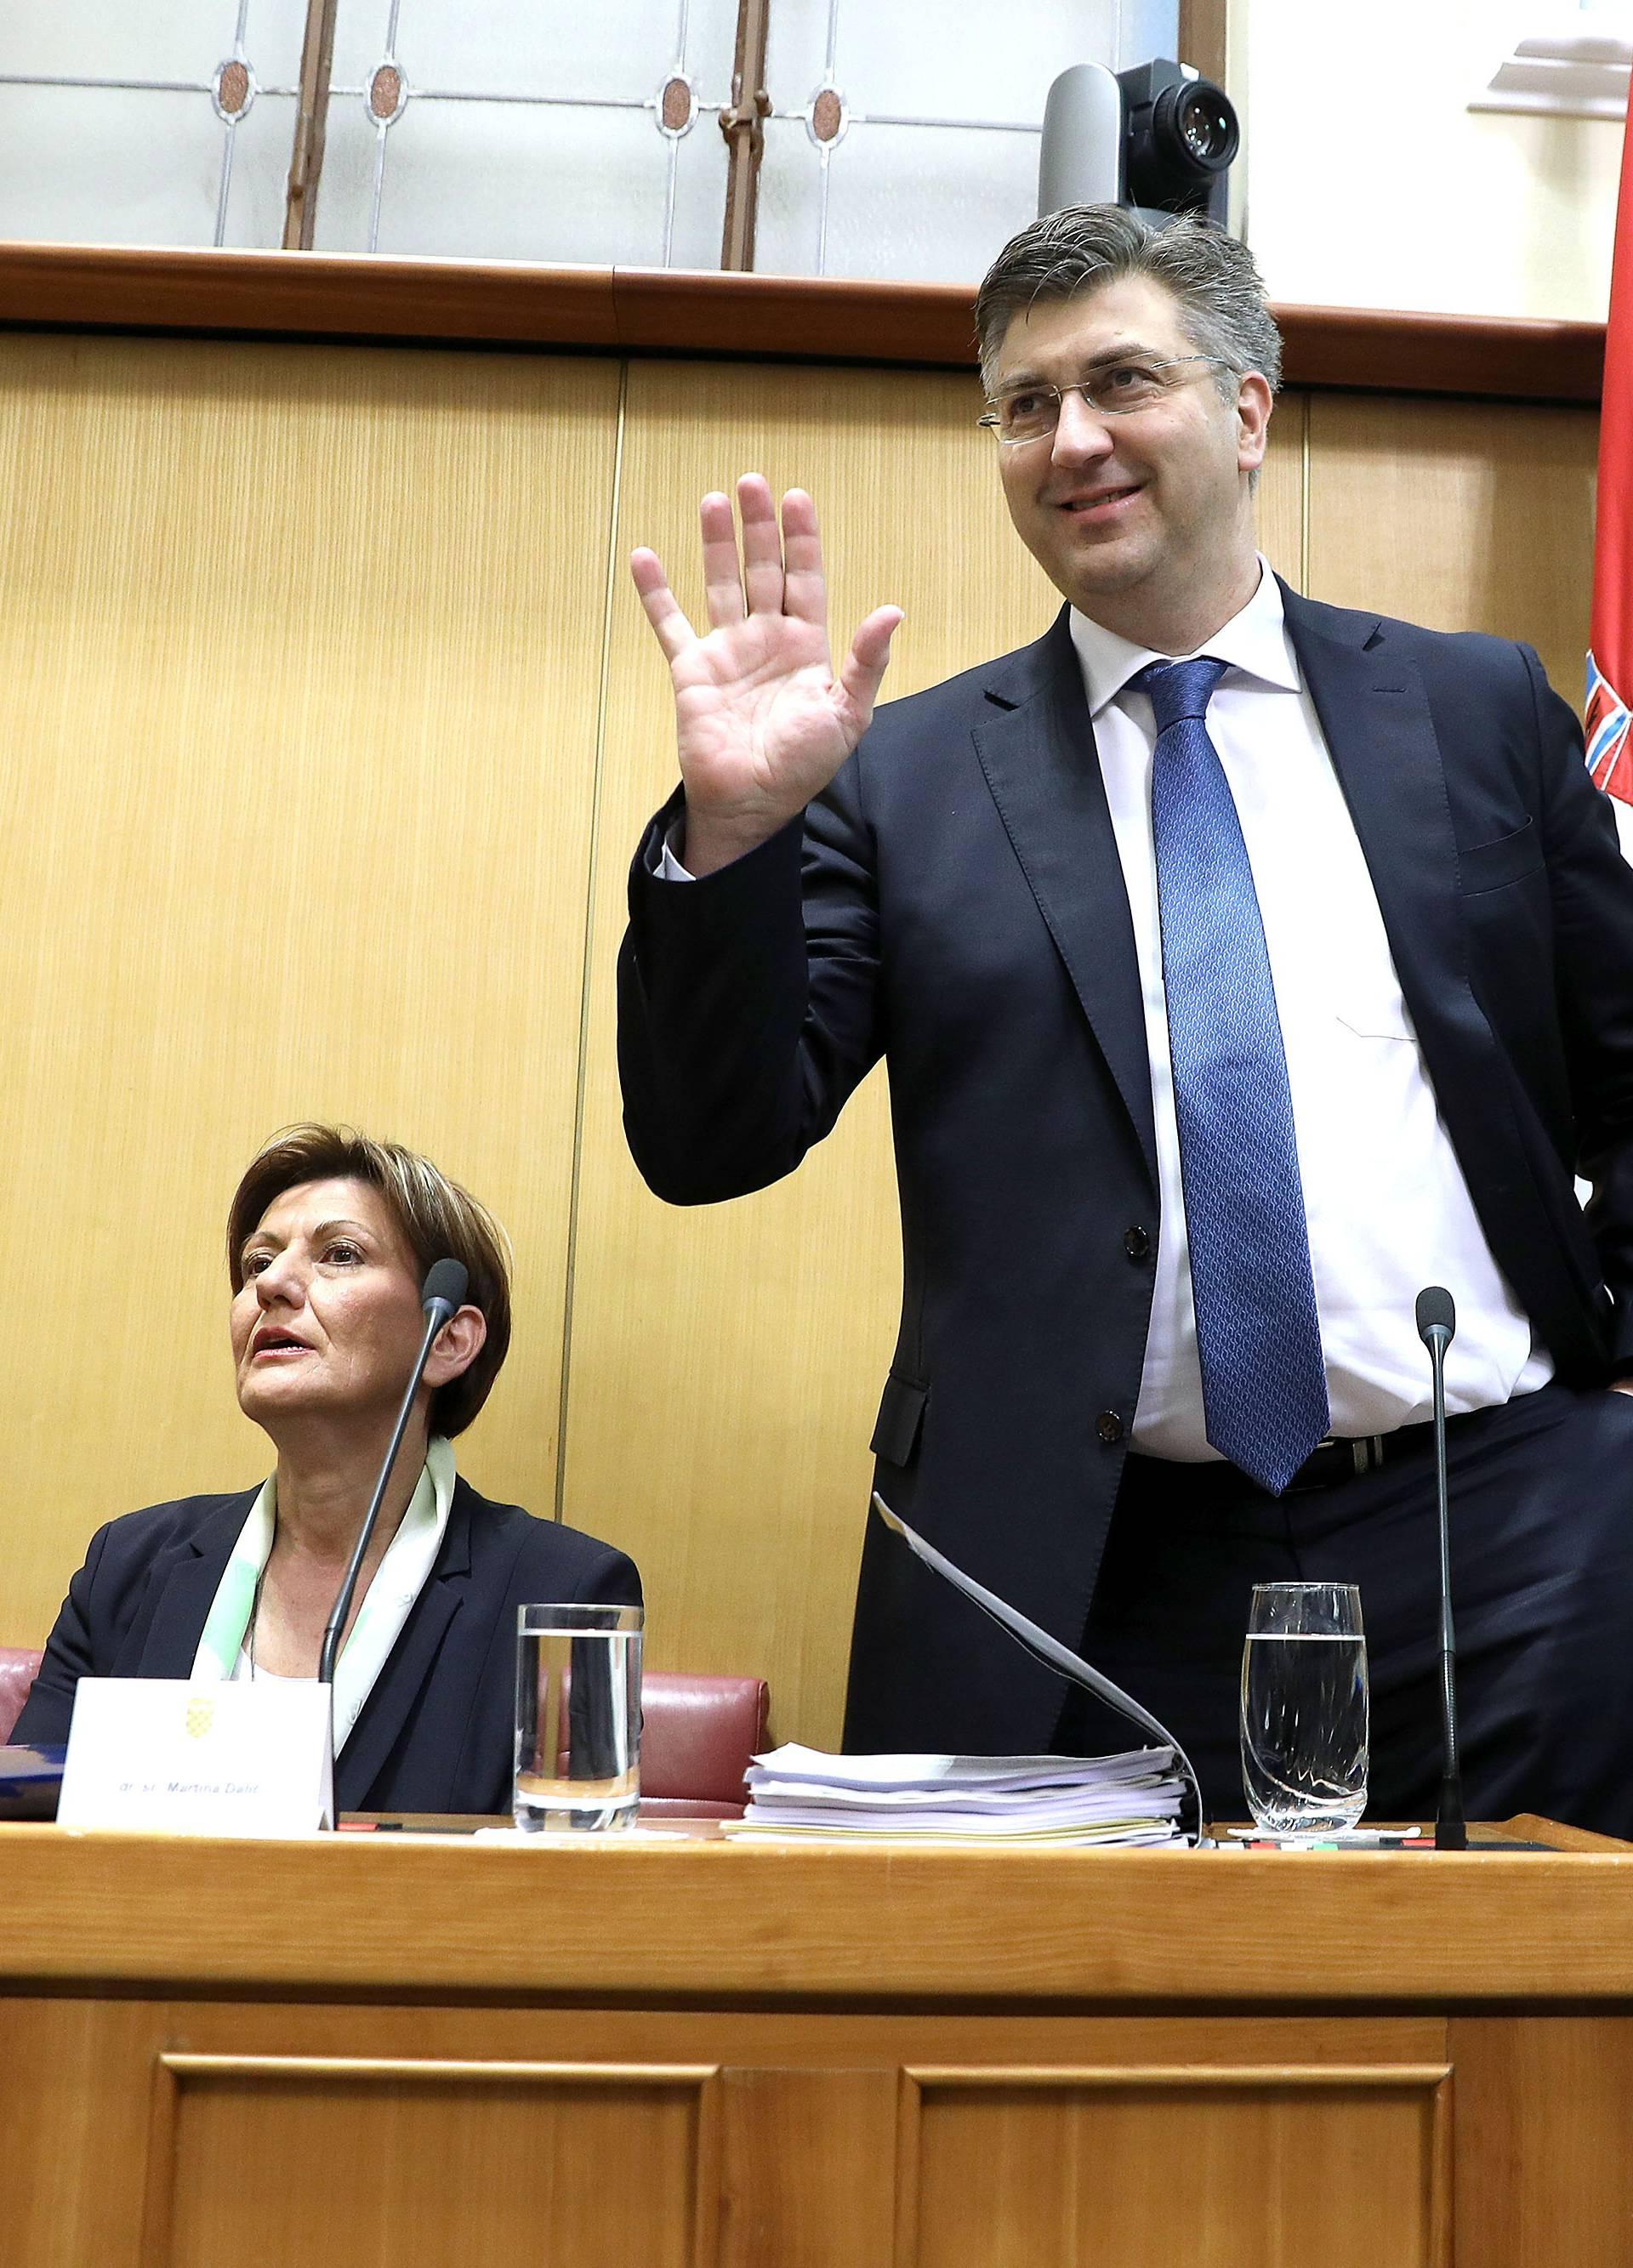 Odletjela je Dalić da se  spasi Plenković. No je li to dovoljno?